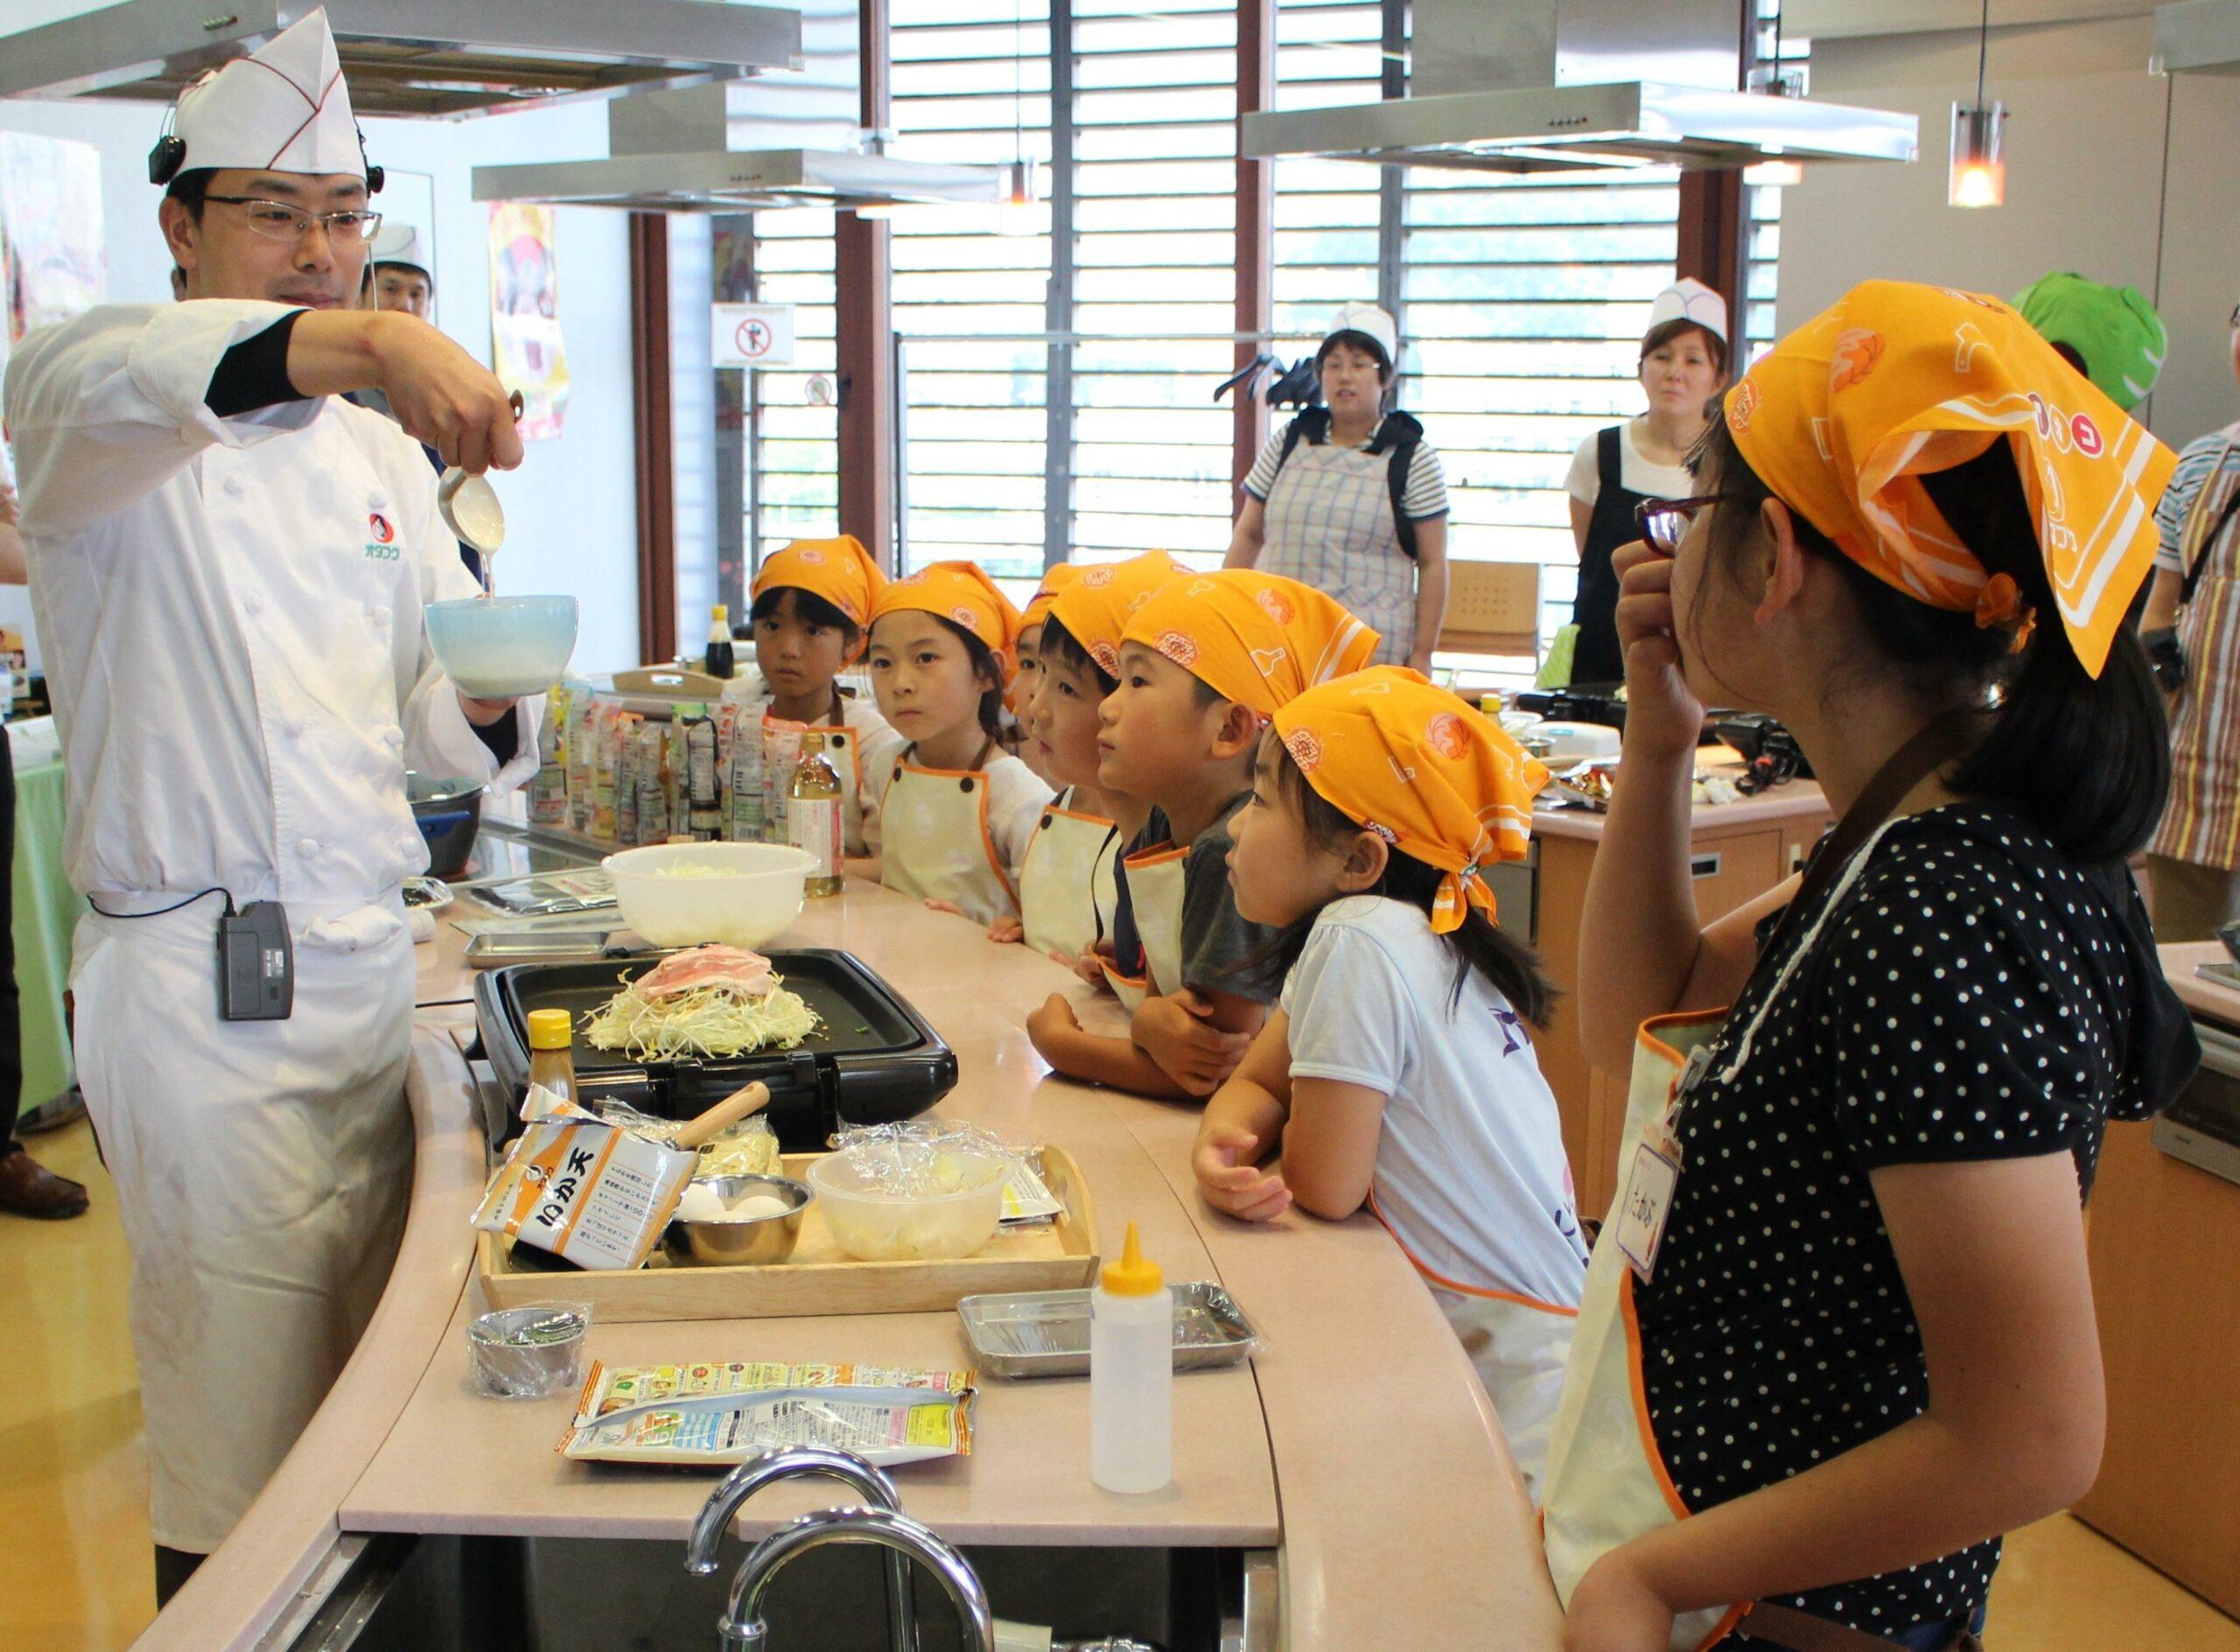 お好み焼の歴史博物館と工場見学 Wood Egg お好み焼館(広島市 )